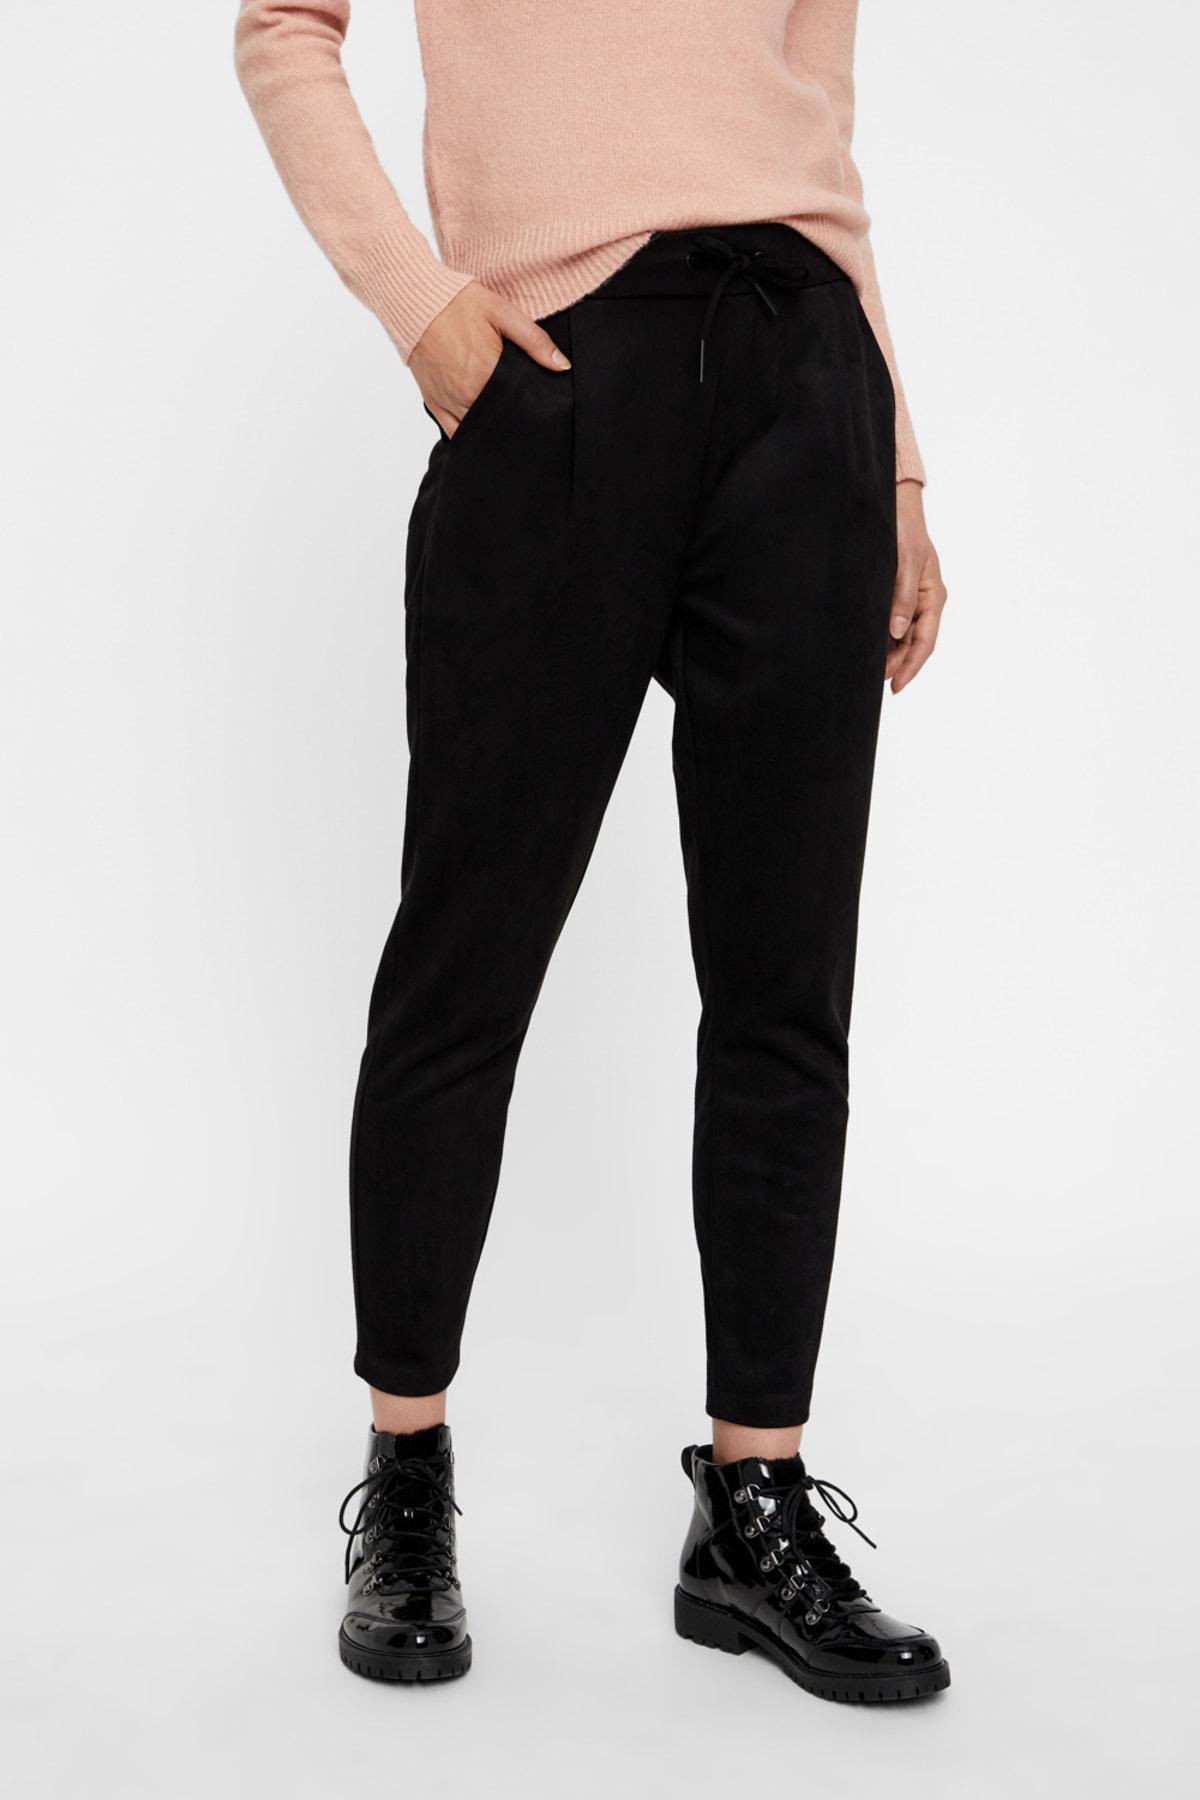 Vero Moda Kadın Siyah Beli Lastikli Bilekte Süet Pantolon 10204640 VMEVA 2